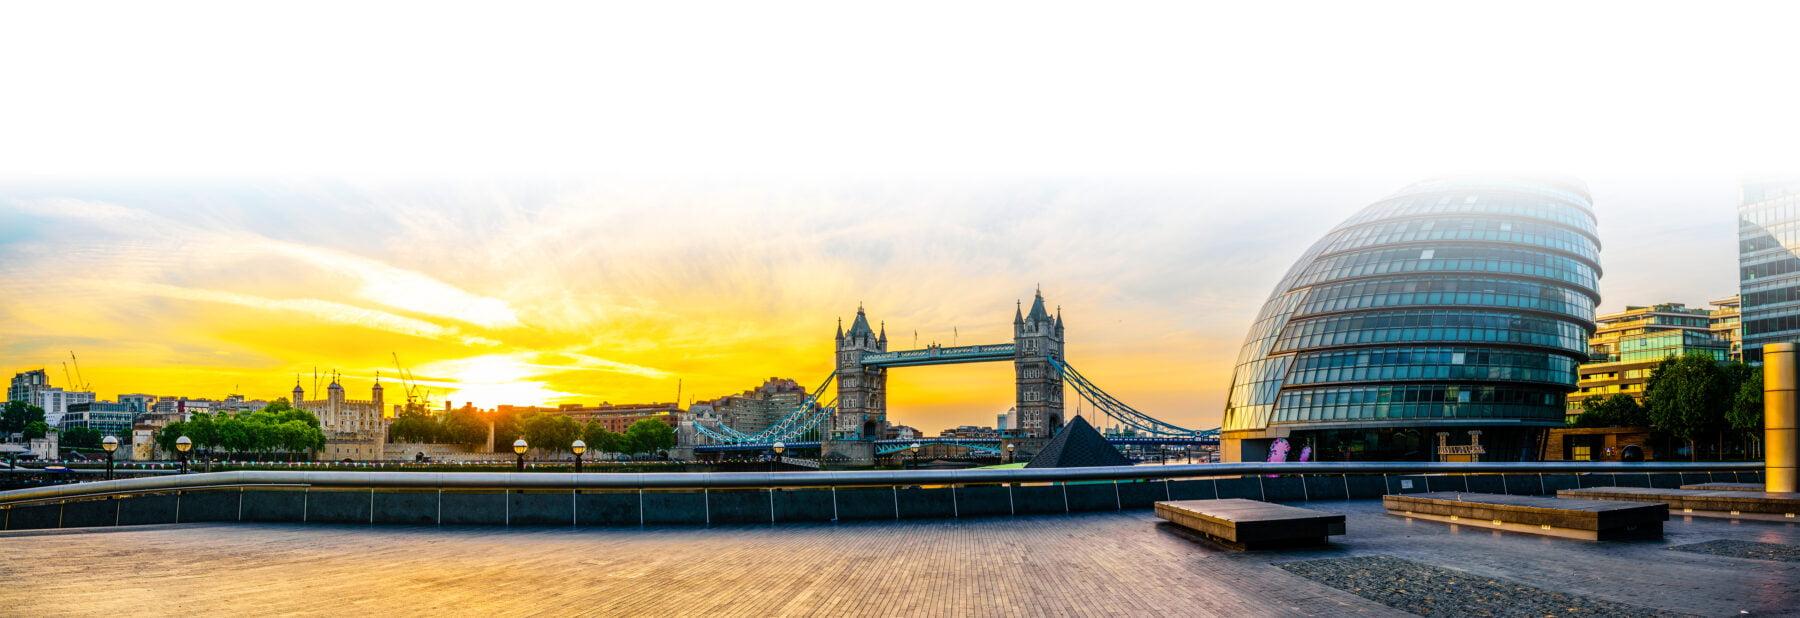 London Footer Pano